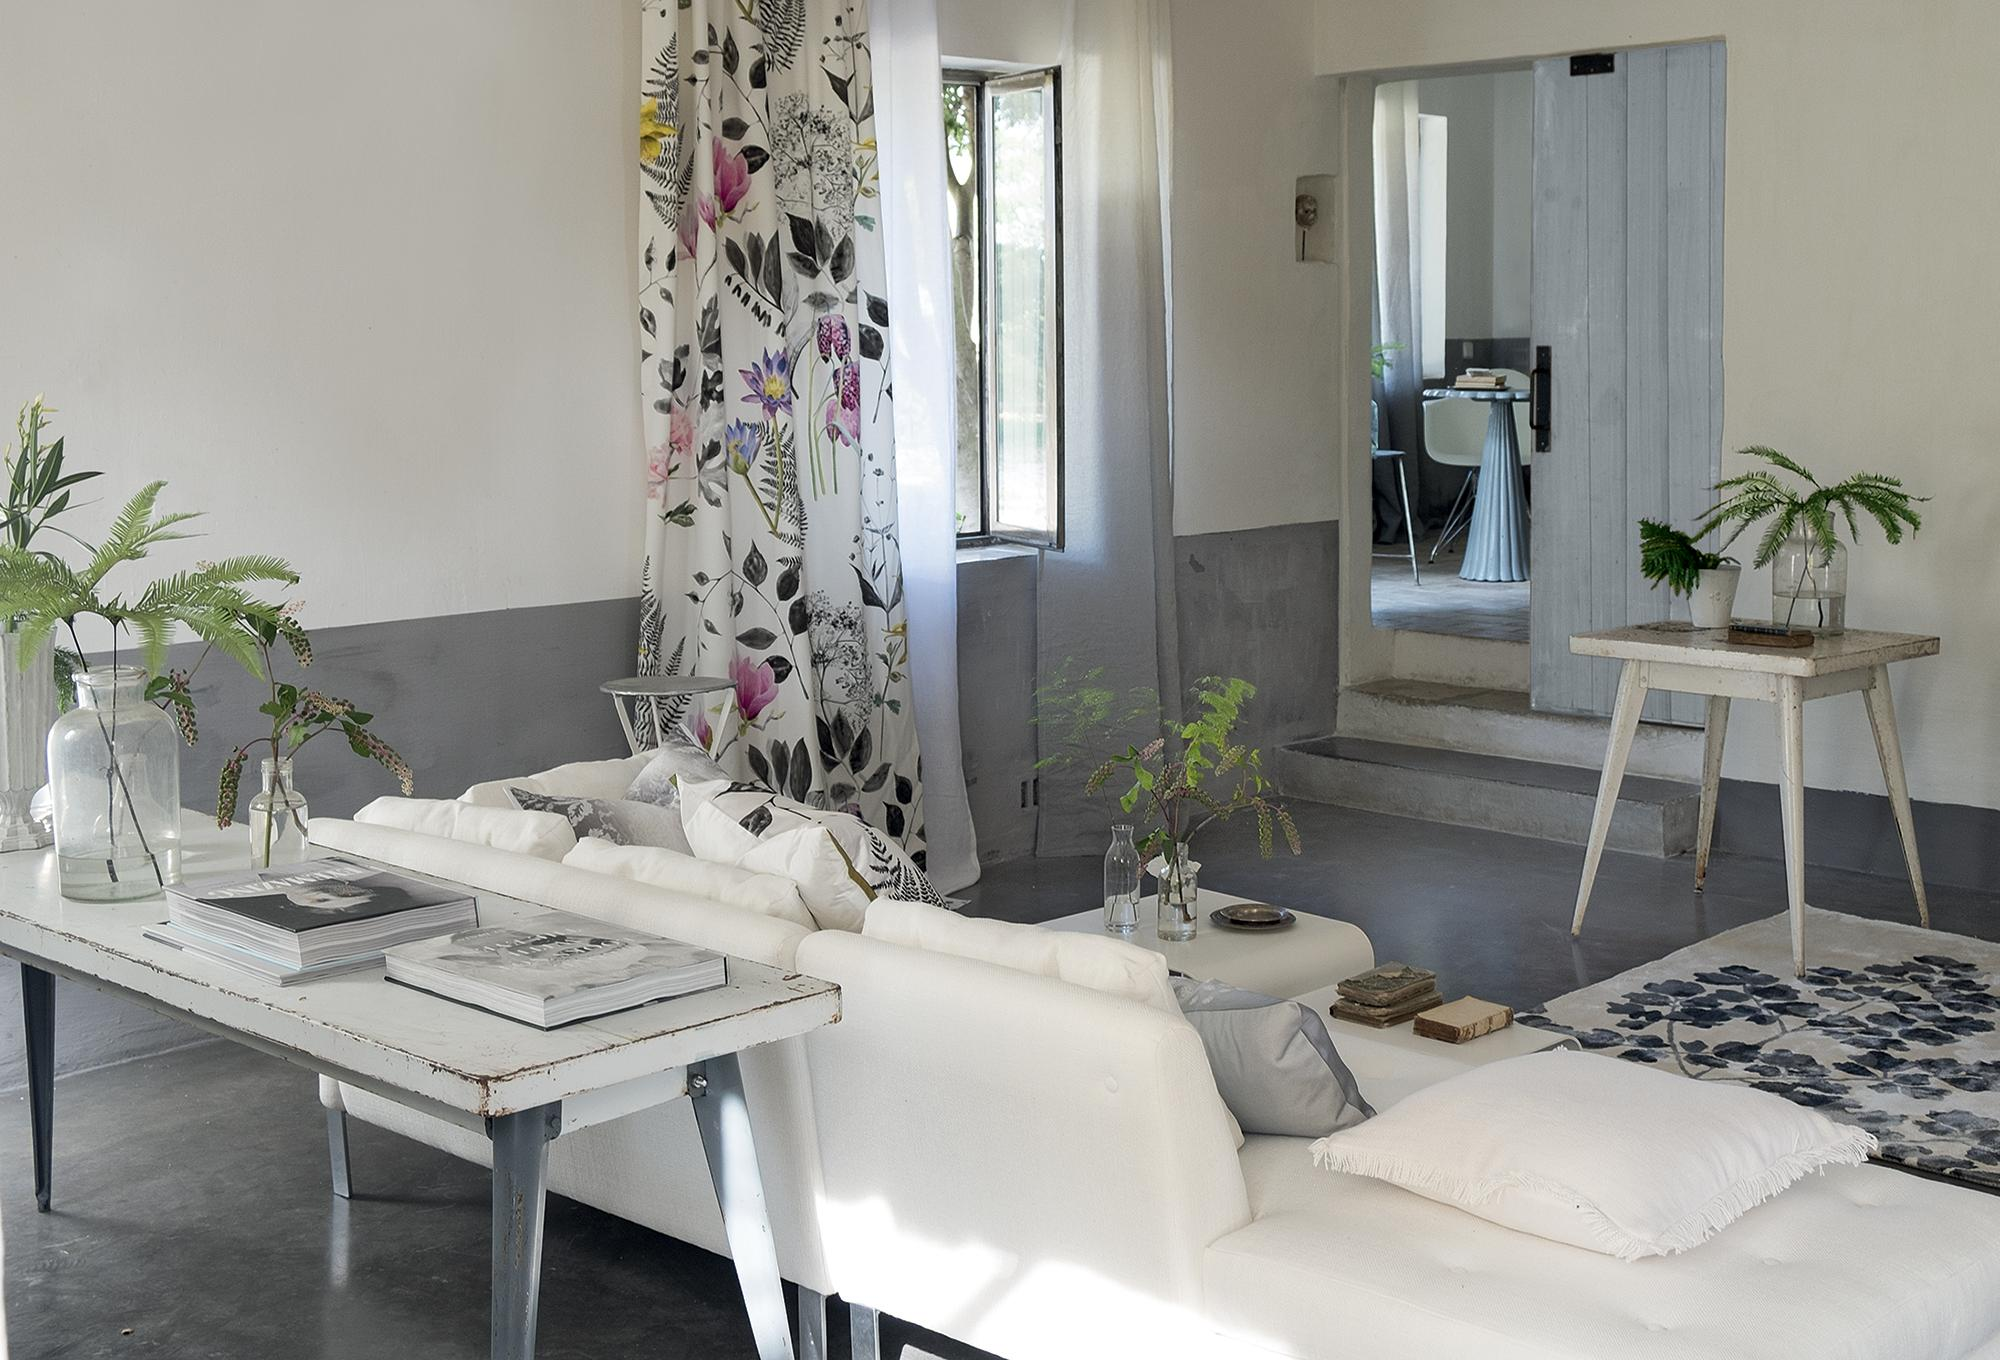 Wohnzimmer In Weiß Und Grau #wohnzimmer ©Designers Guild